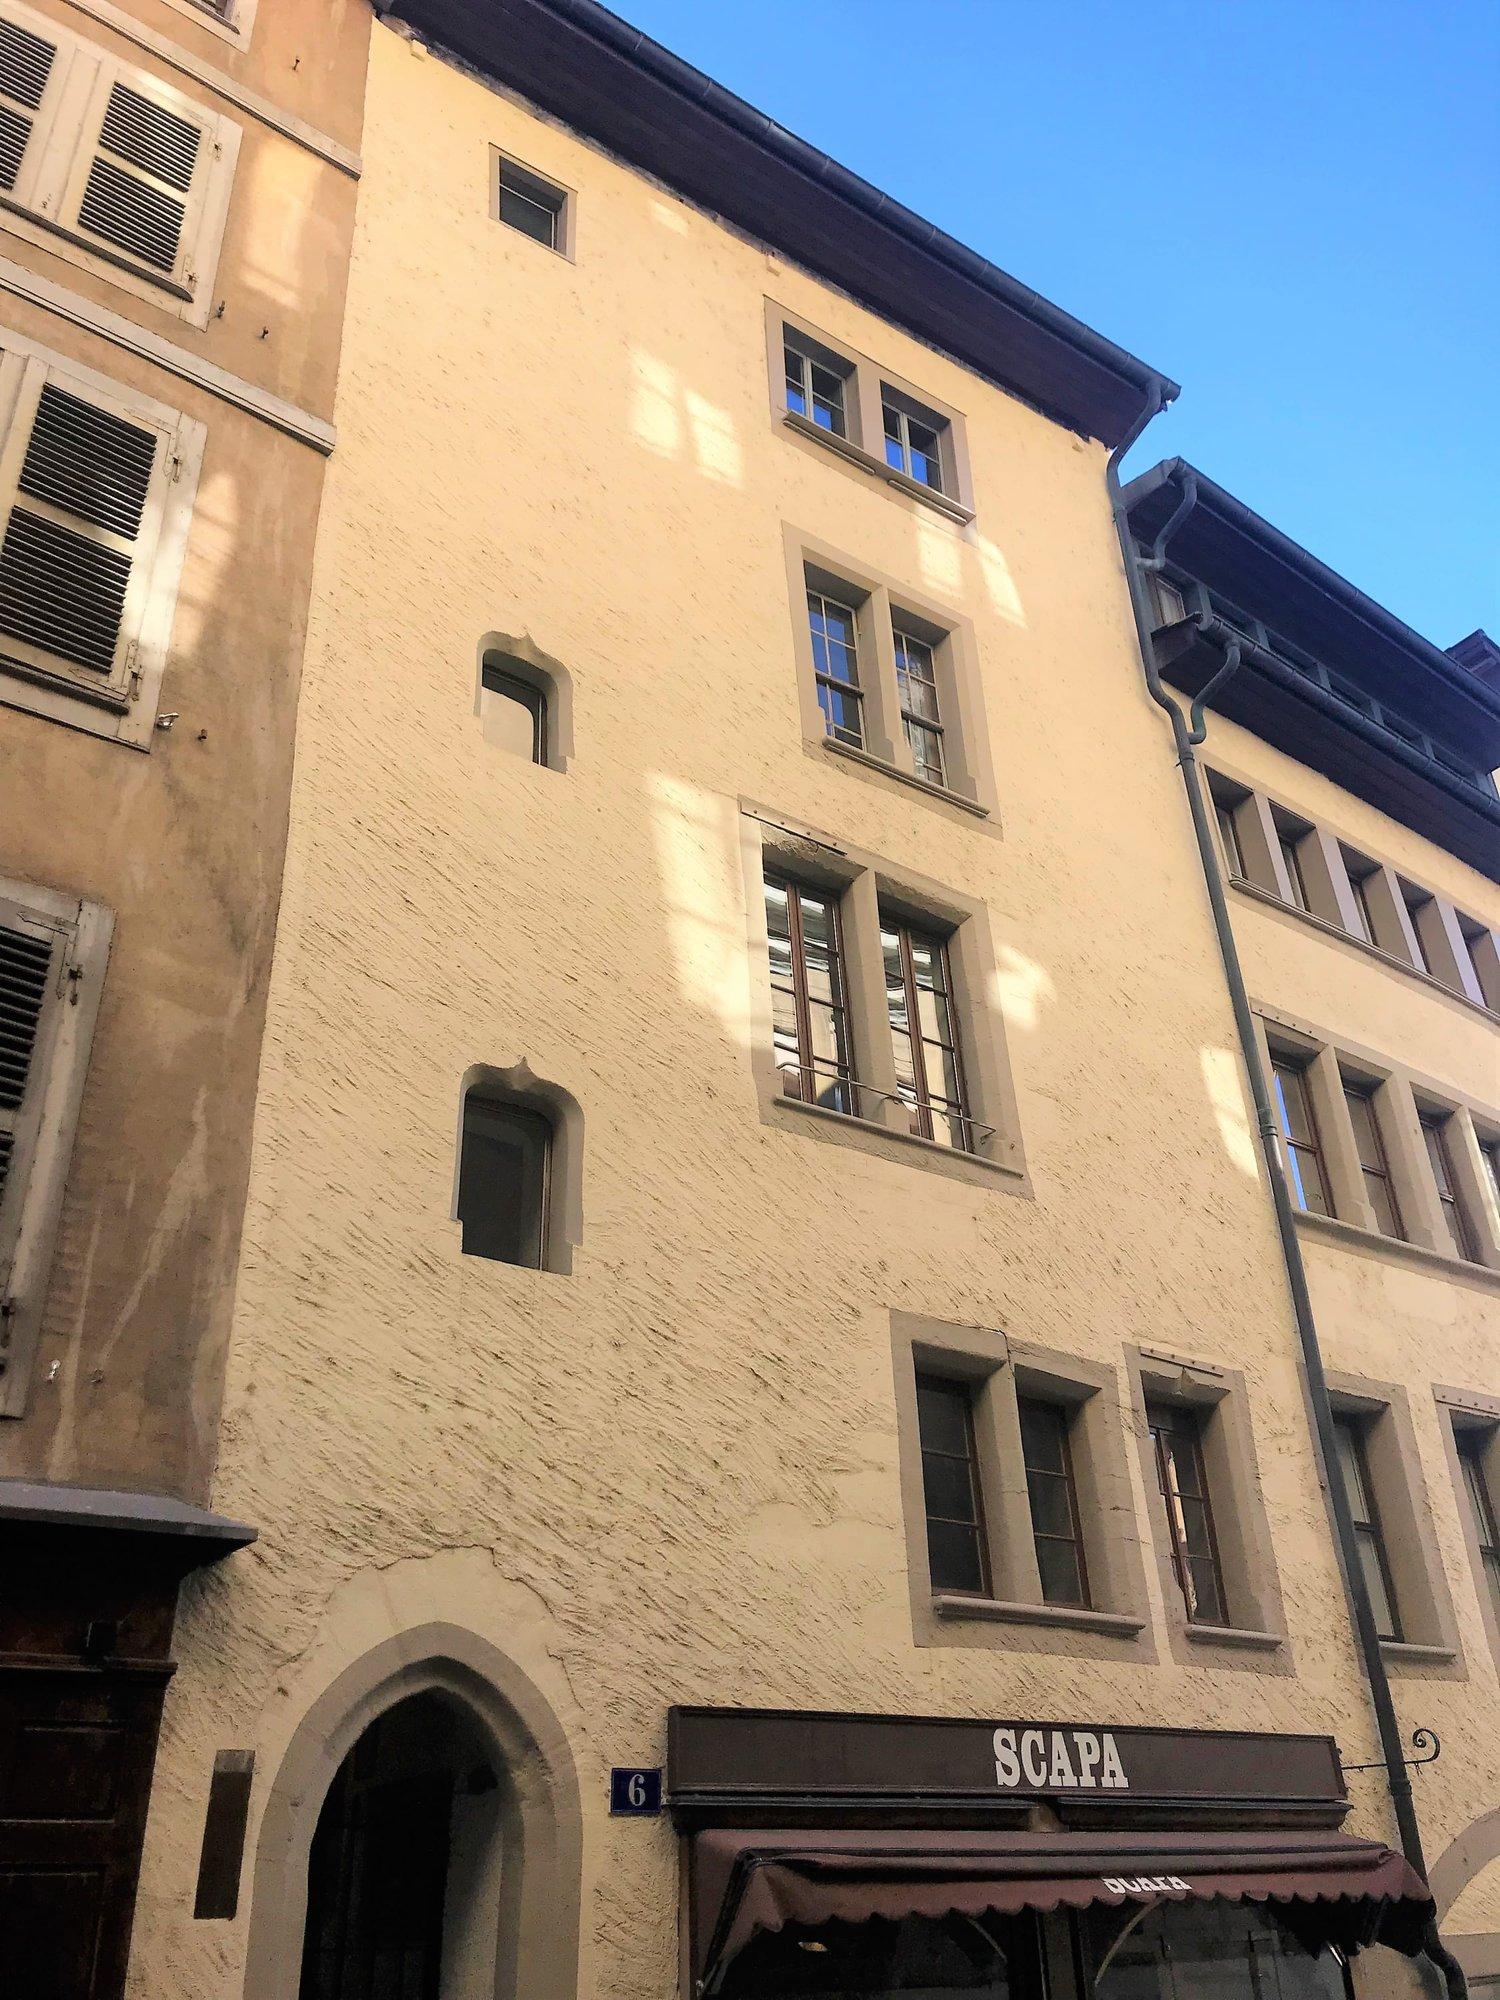 Rue des Chaudronniers 6